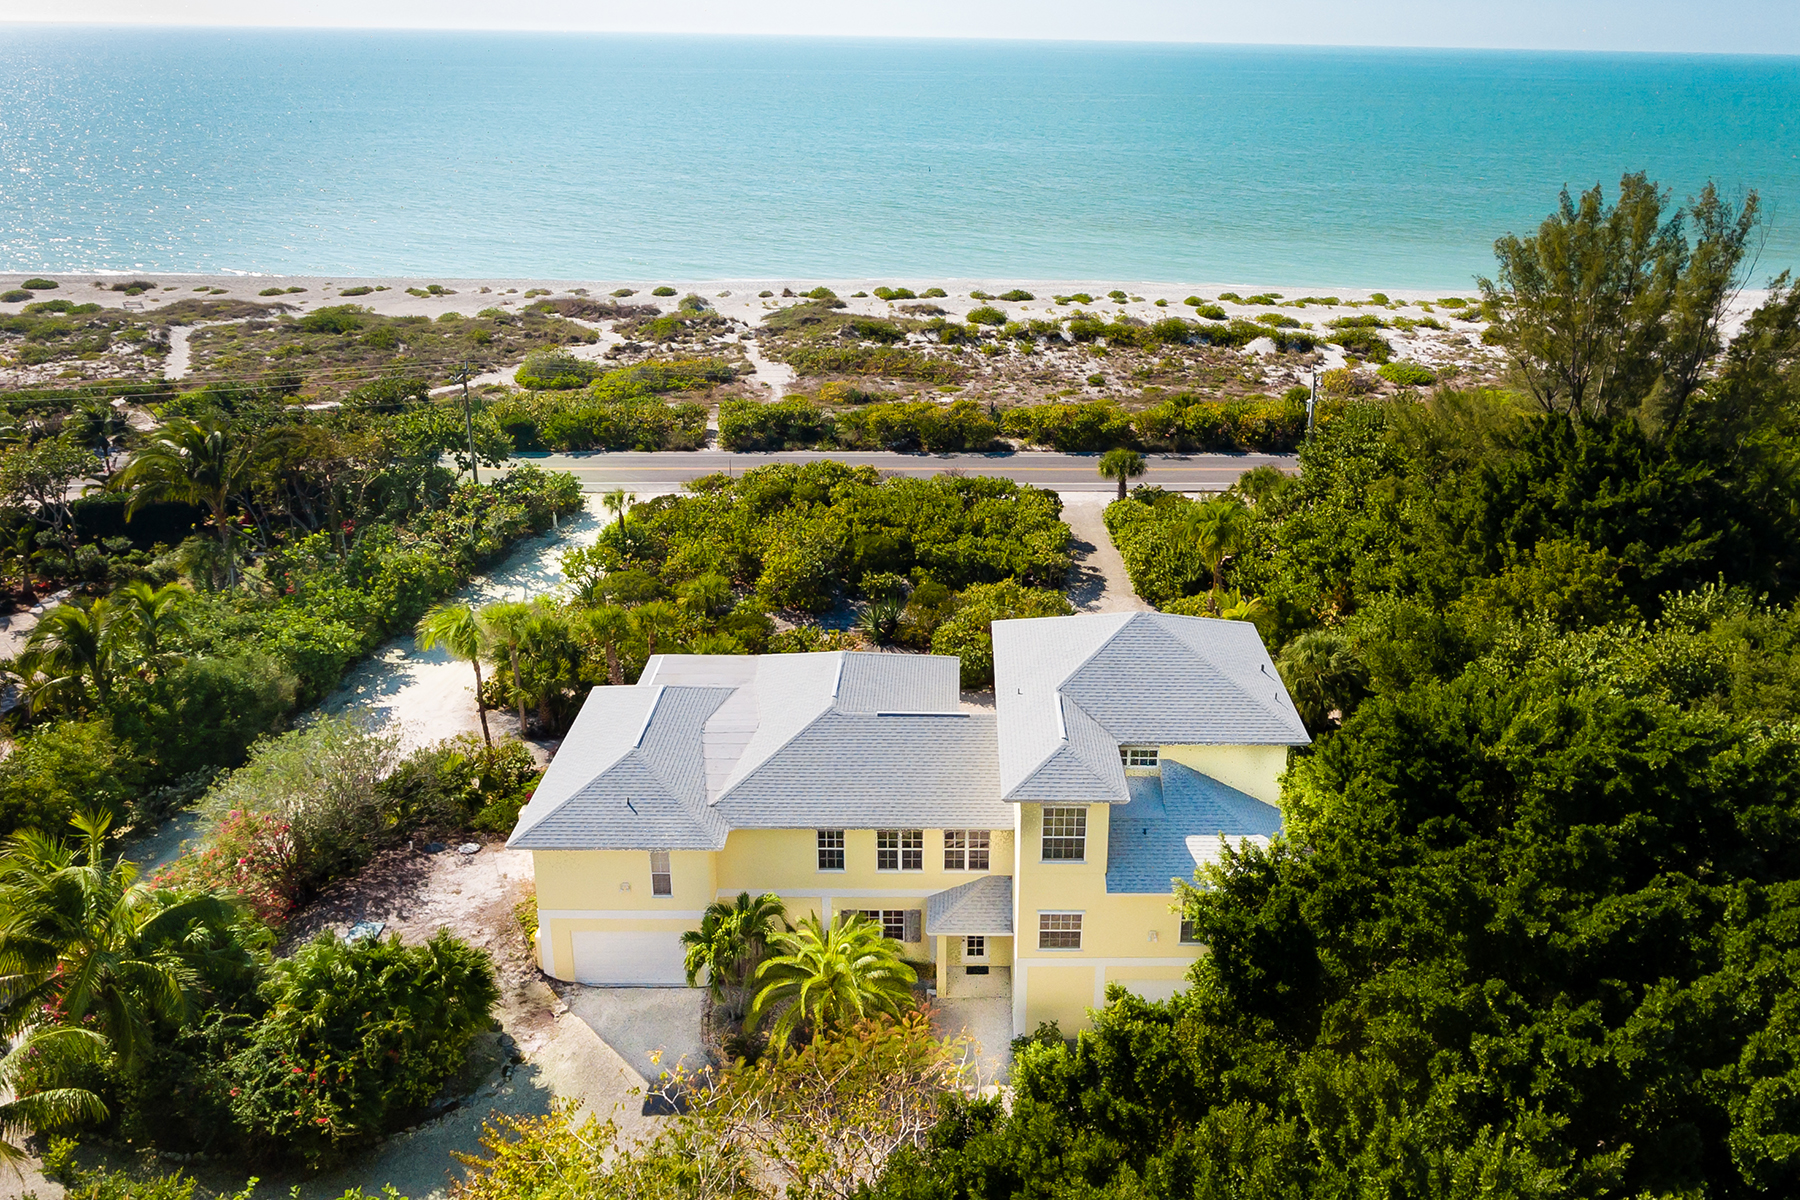 Maison unifamiliale pour l Vente à SANIBEL 13550 Palmflower Ln Captiva, Florida, 33924 États-Unis